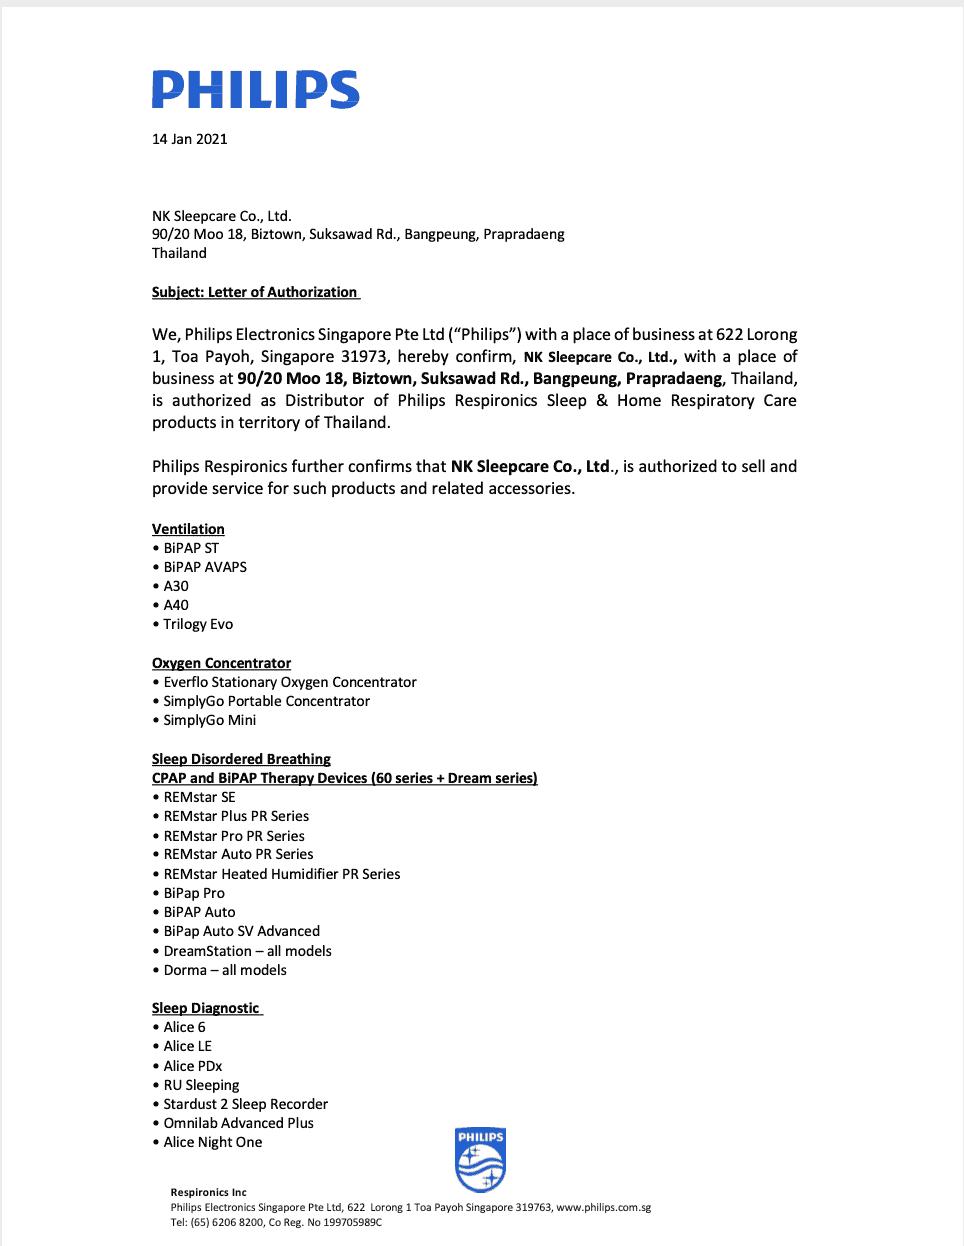 จดหมายแต่งตั้งเป็นตัวแทนจำหน่าย Philips ในไทย